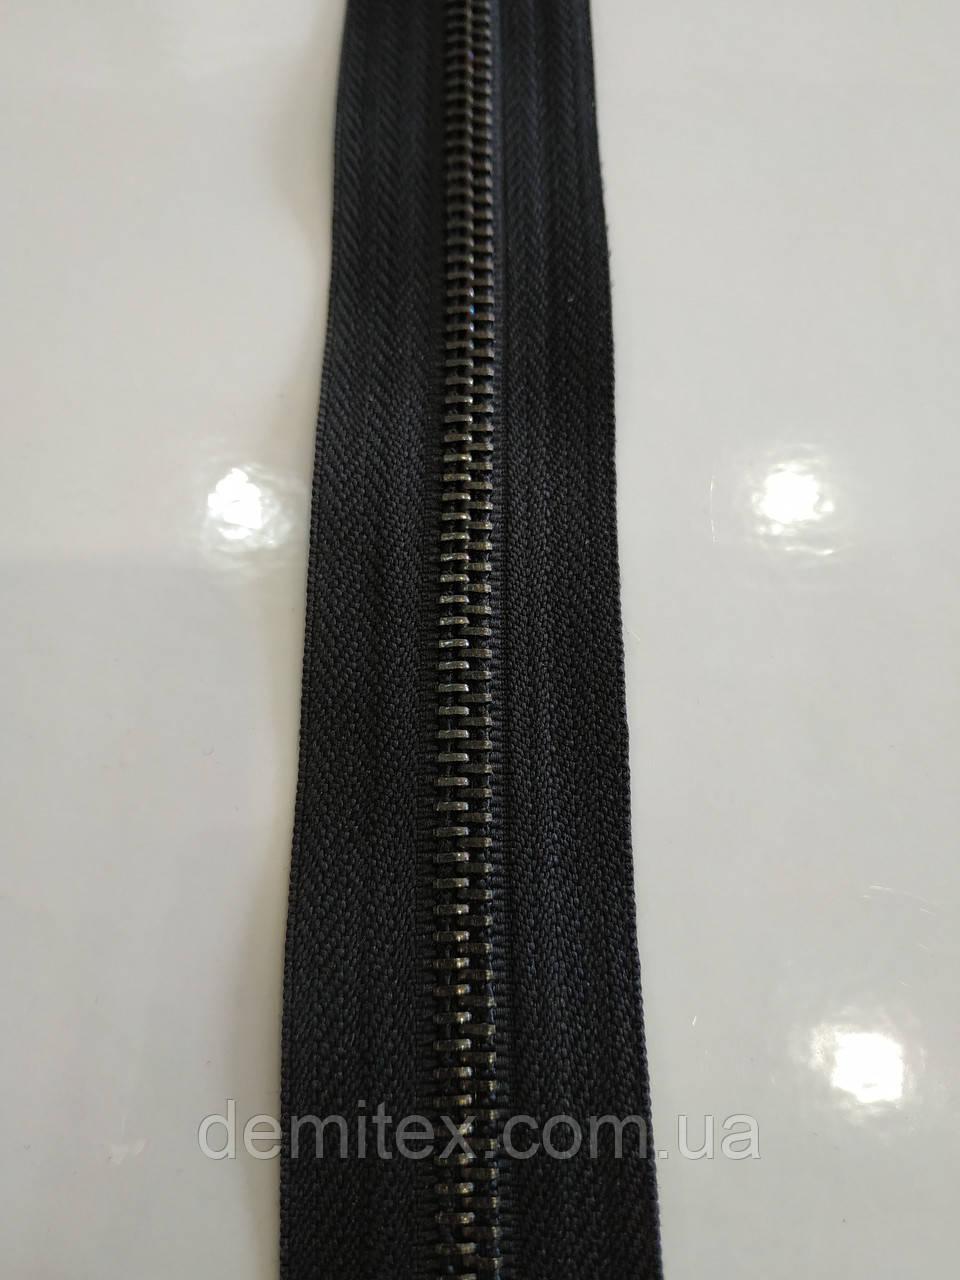 Застежка-молния на метраж металл №5 черный никель